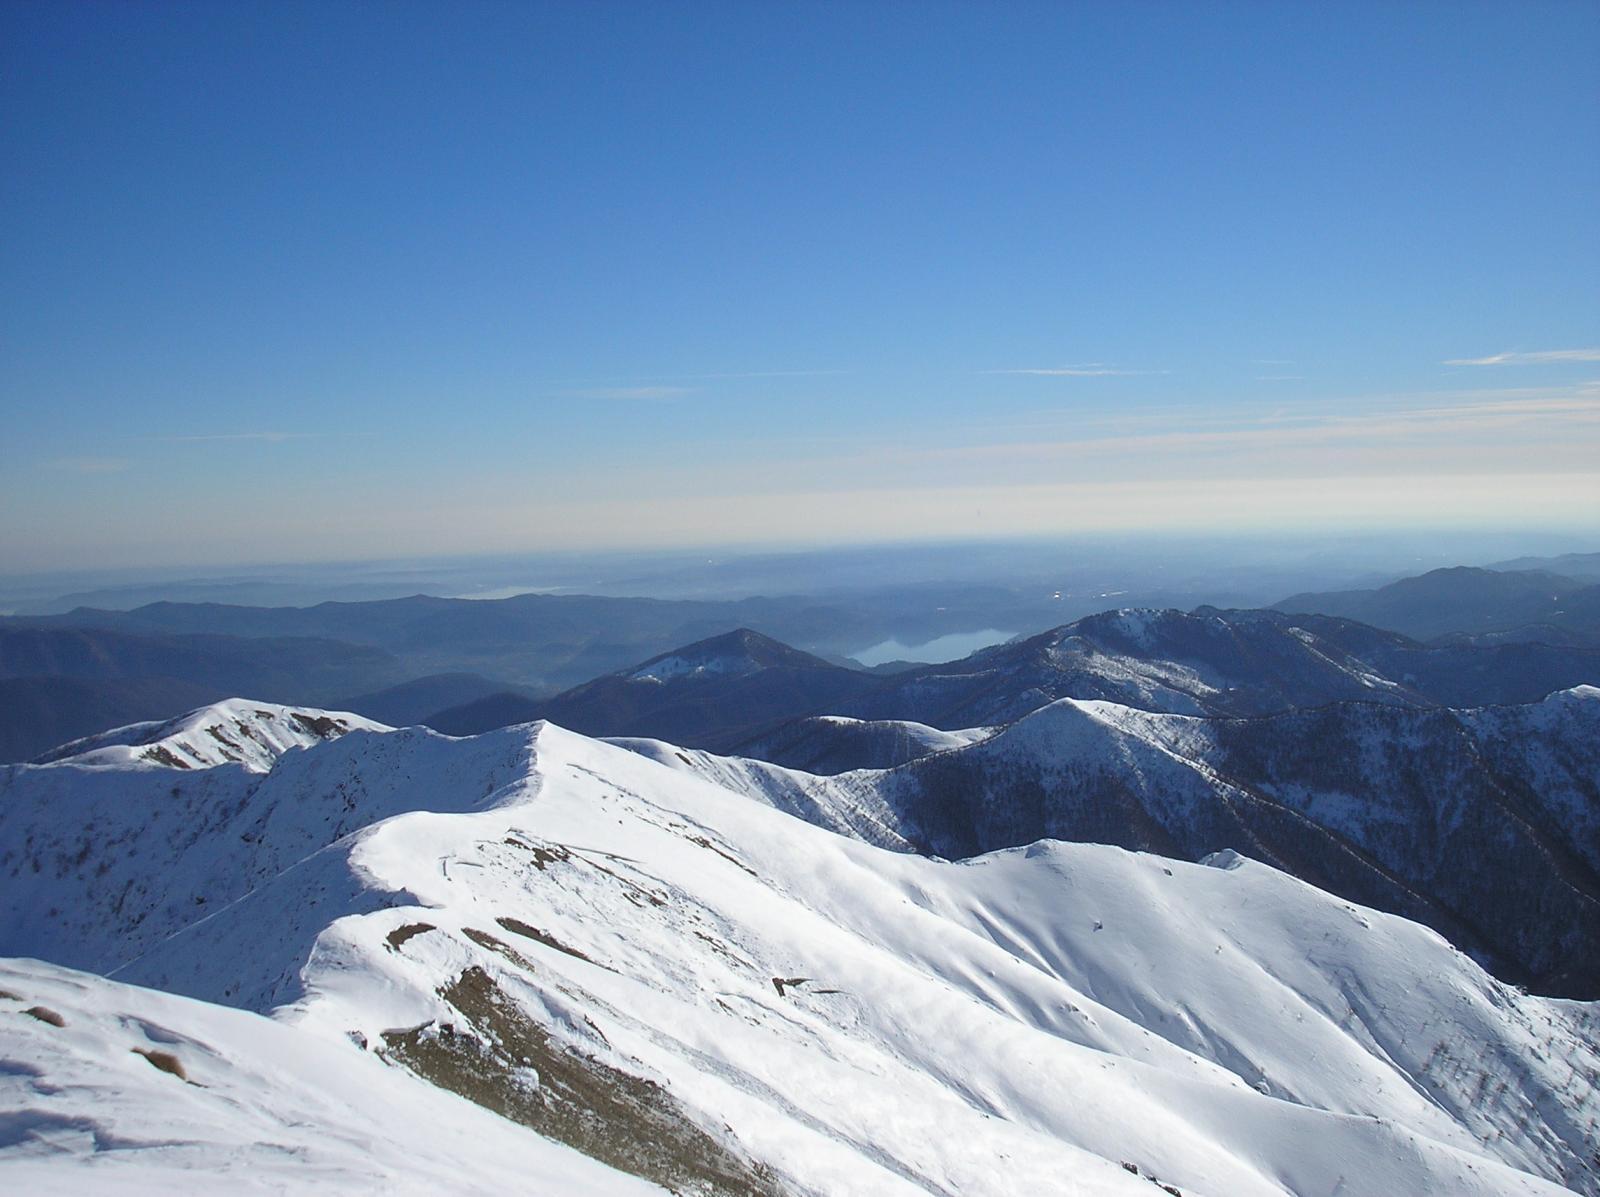 la dorsale verso il monte croce e il lago maggiore